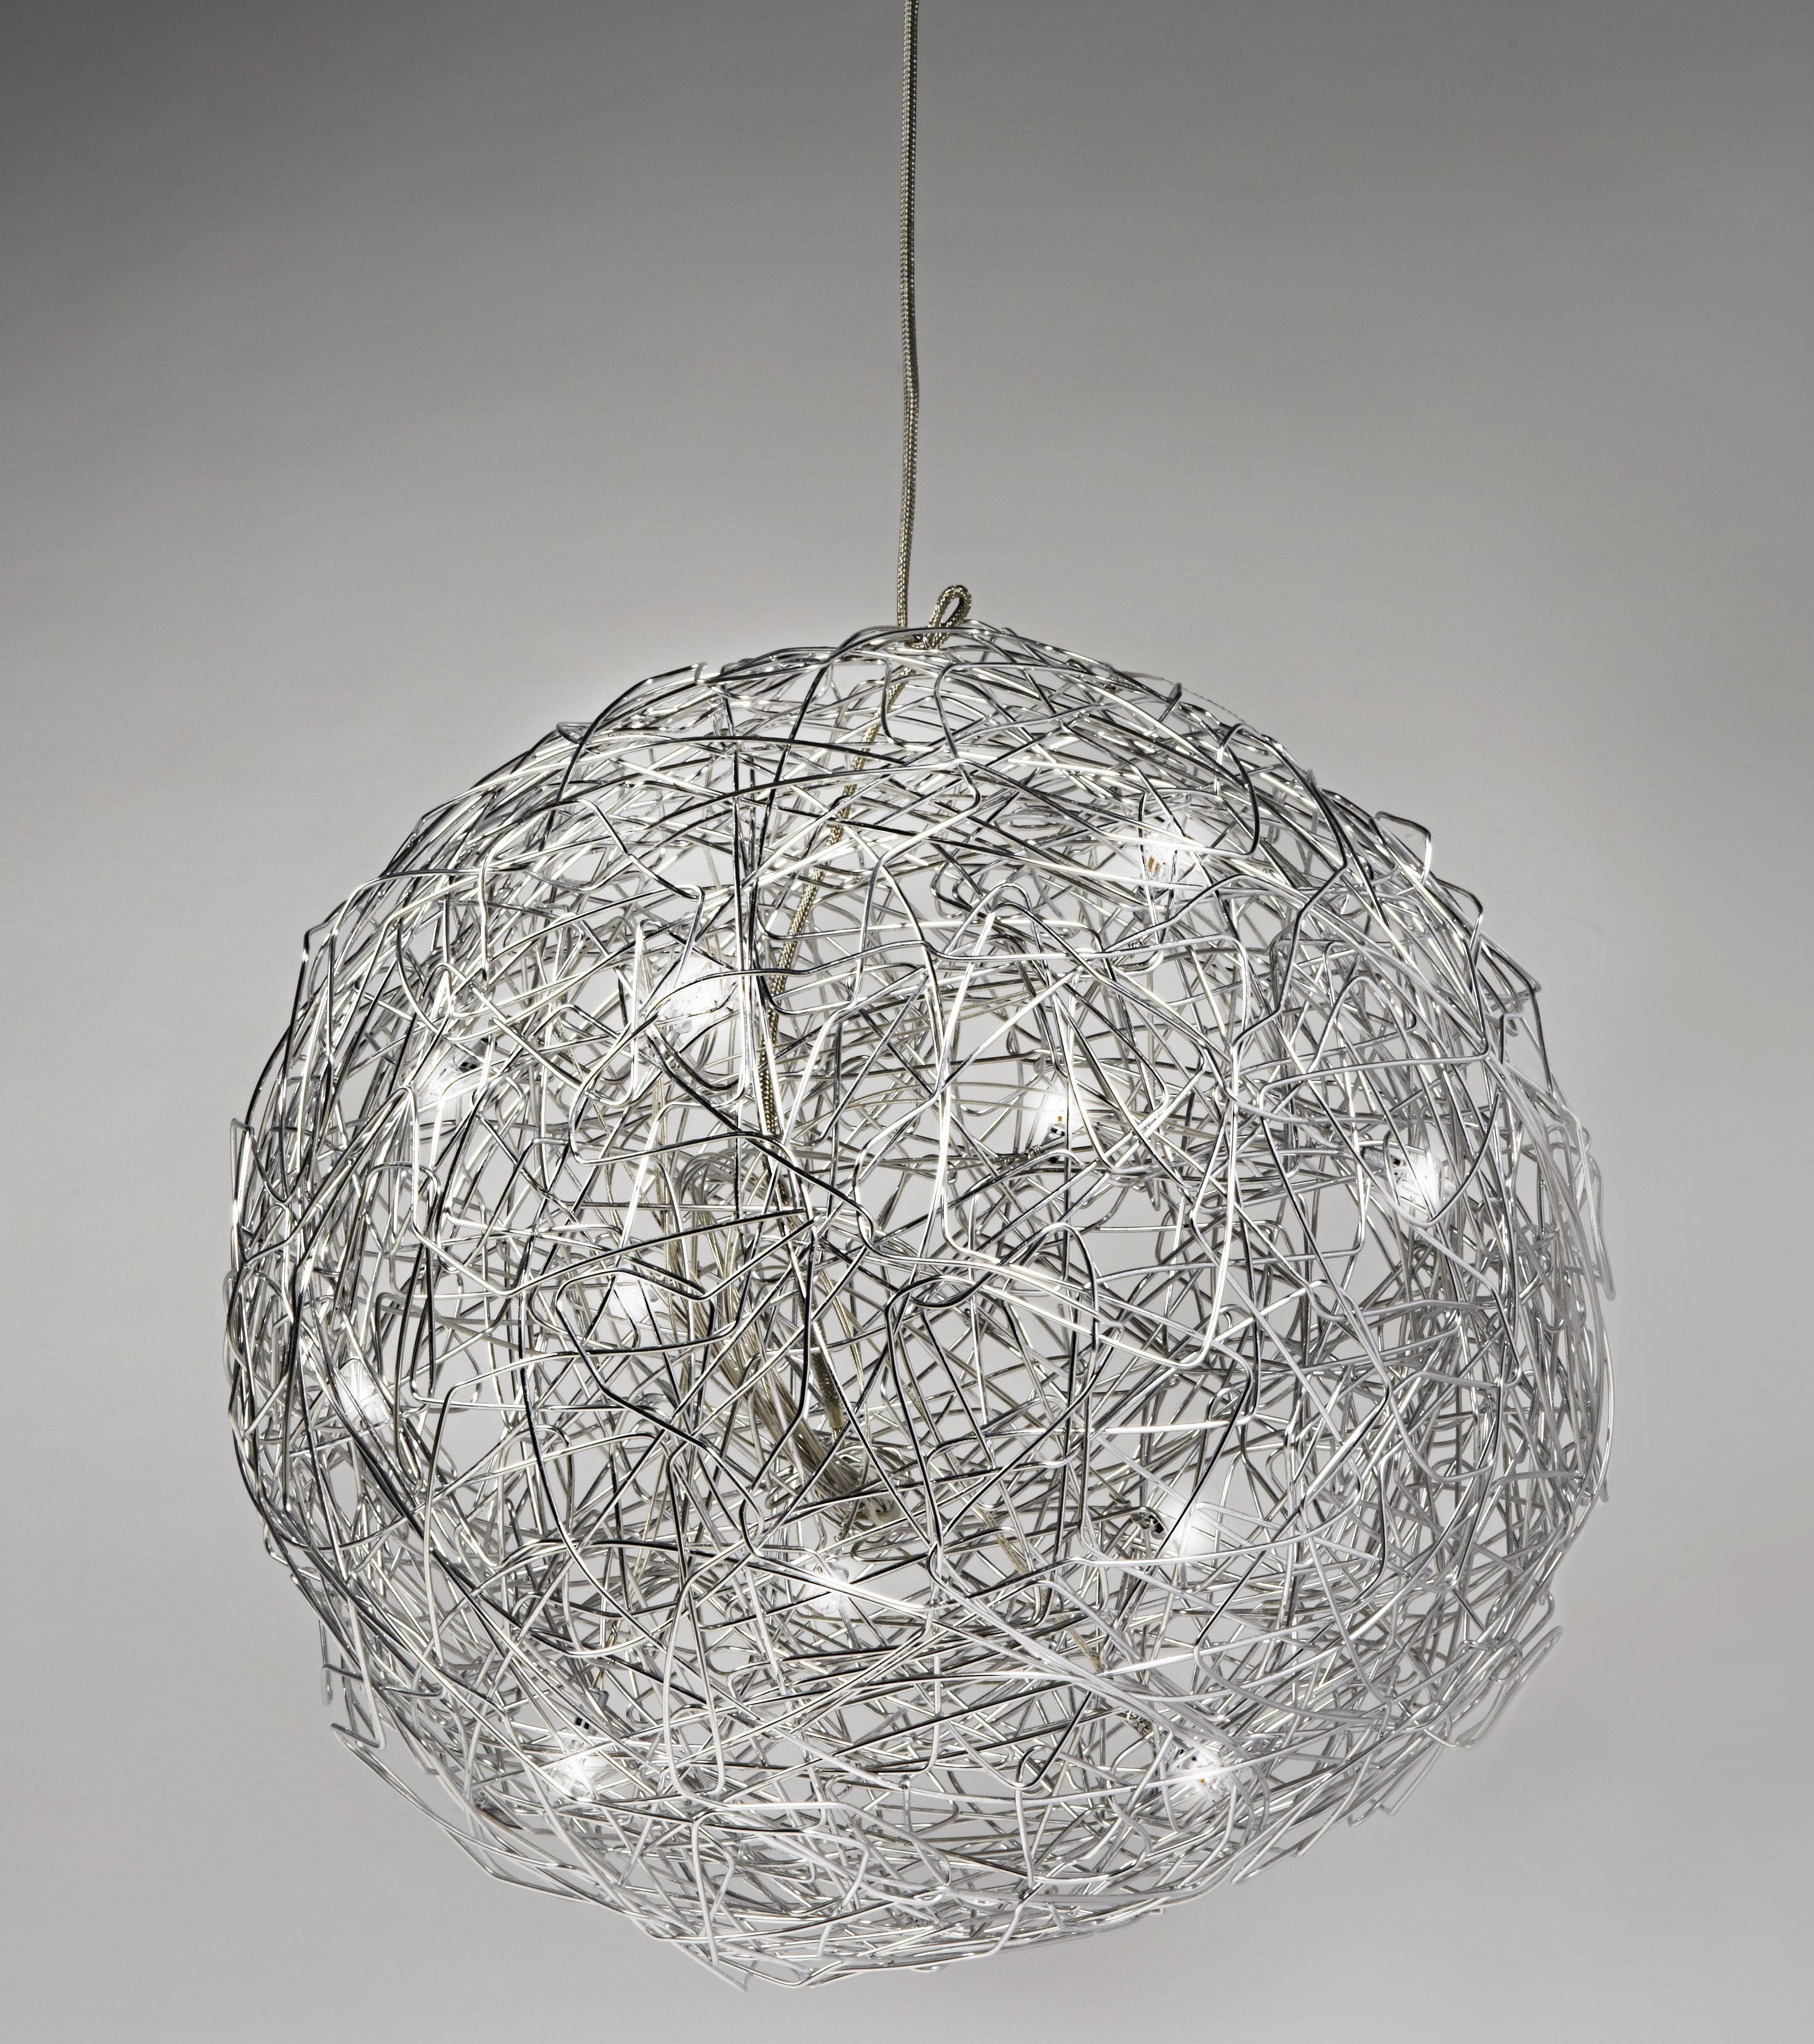 suspension fil de fer 40 cm aluminium 40 cm catellani smith. Black Bedroom Furniture Sets. Home Design Ideas